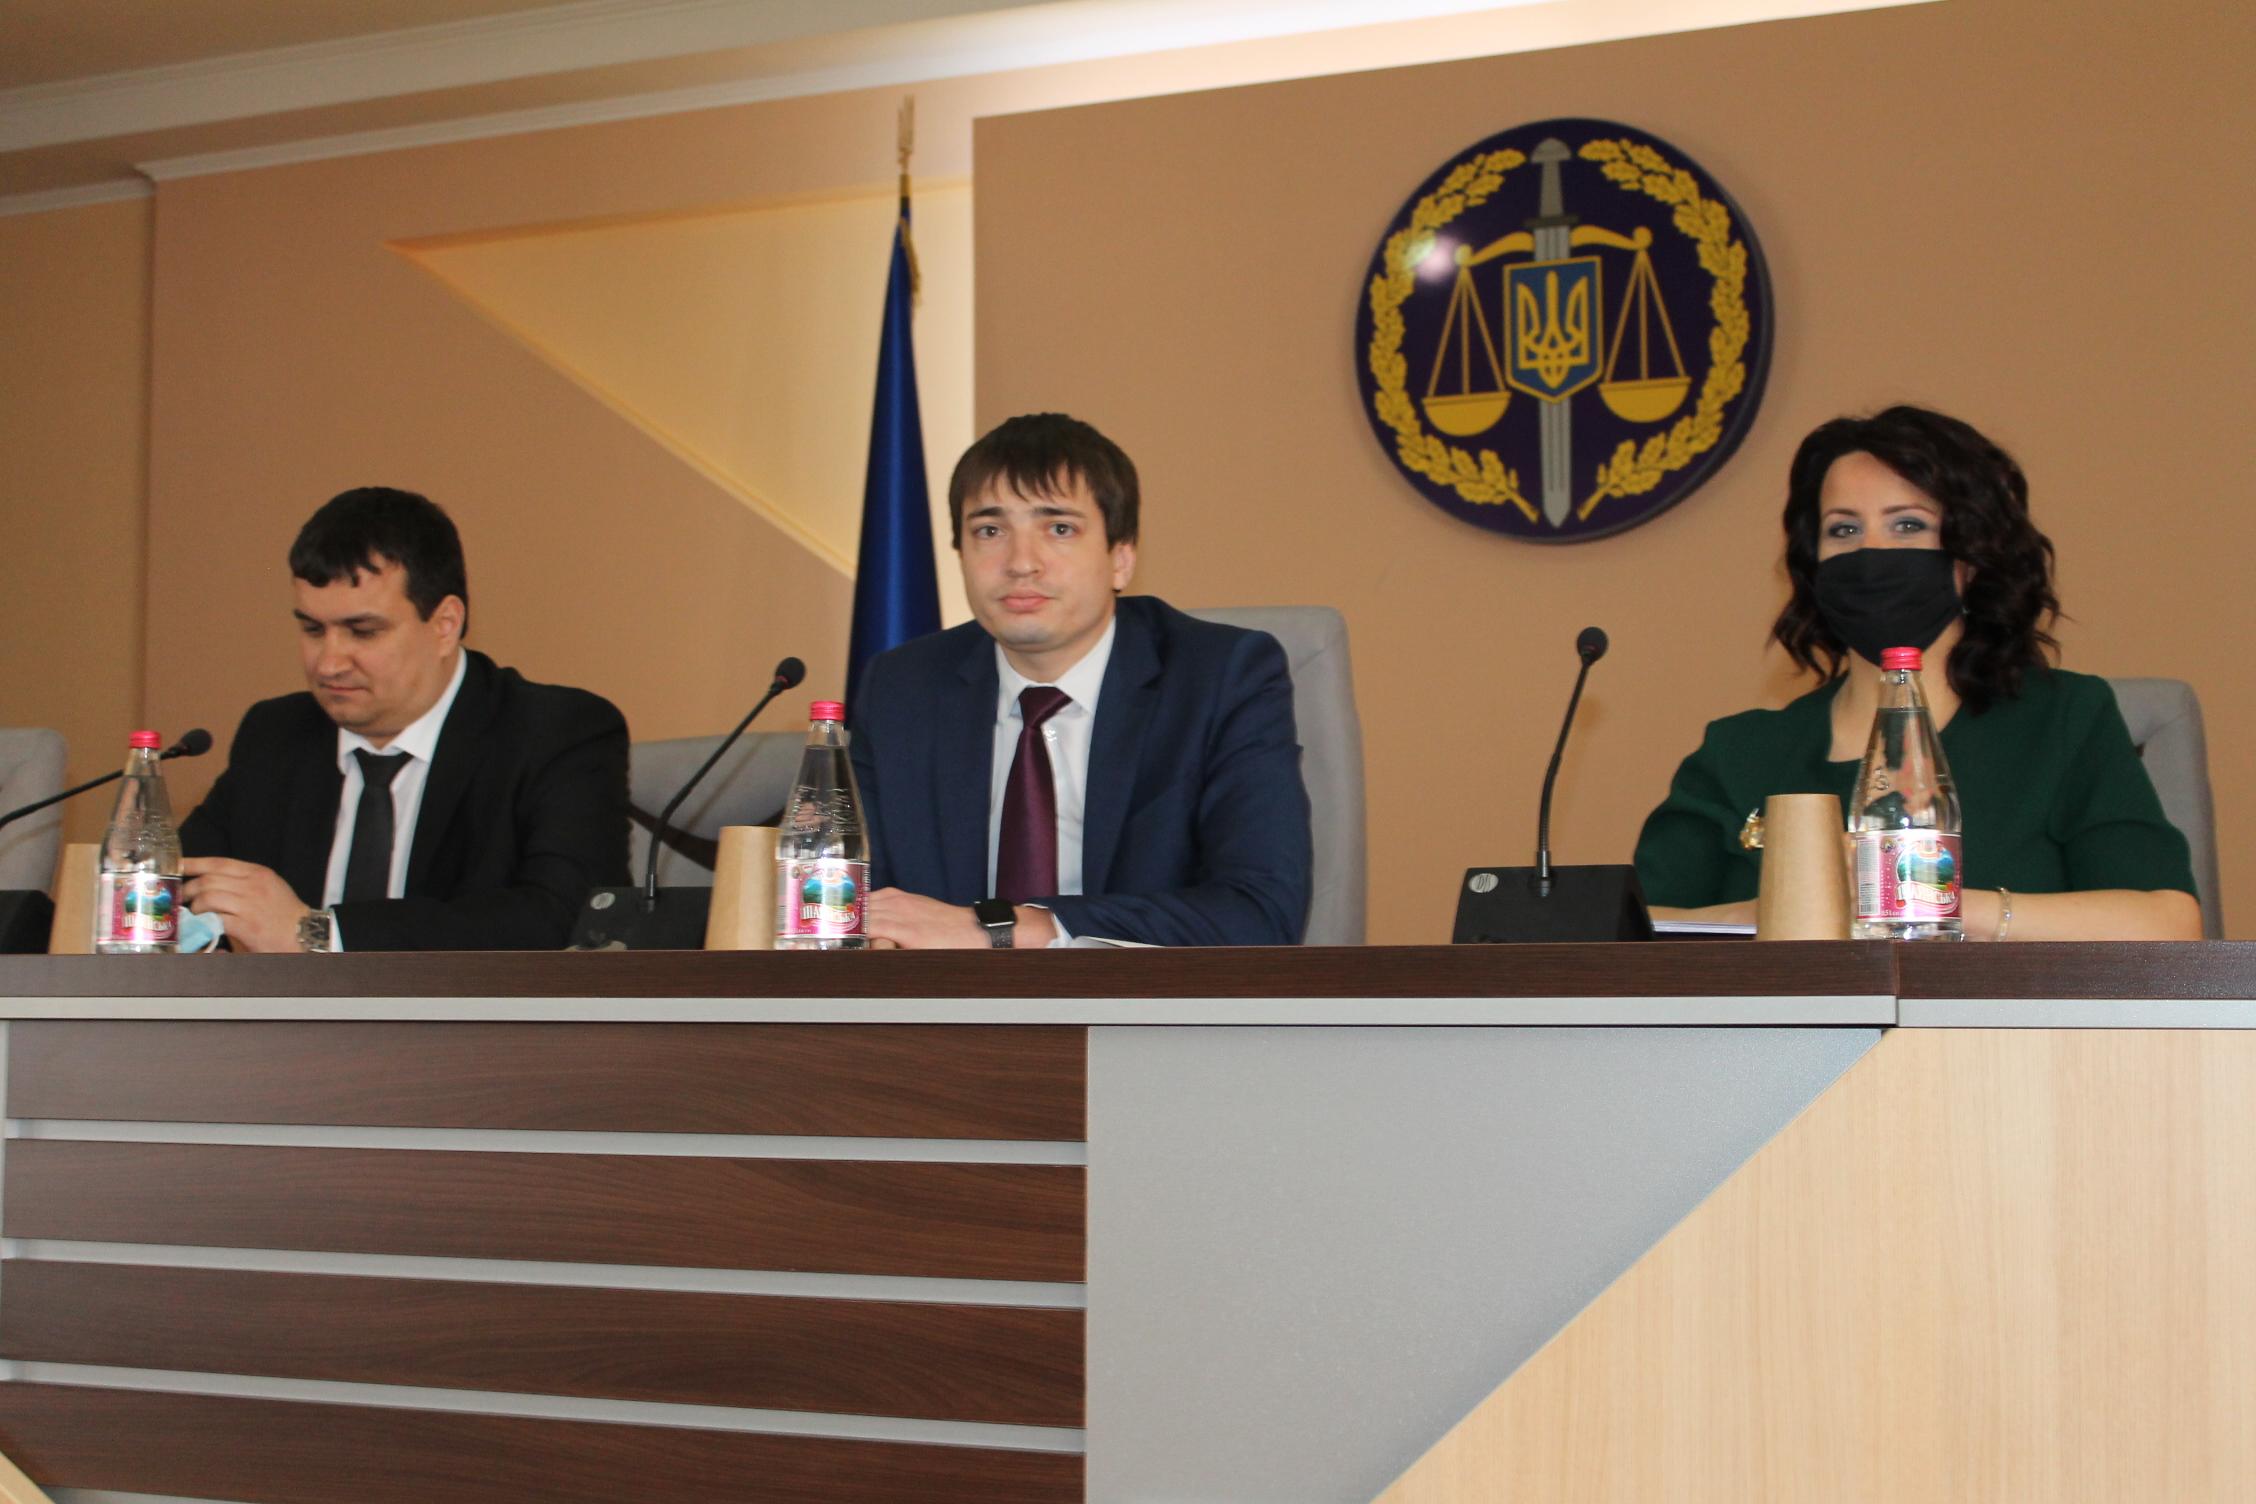 Керівник Закарпатської обласної прокуратури представив колективу ще одного свого заступника.